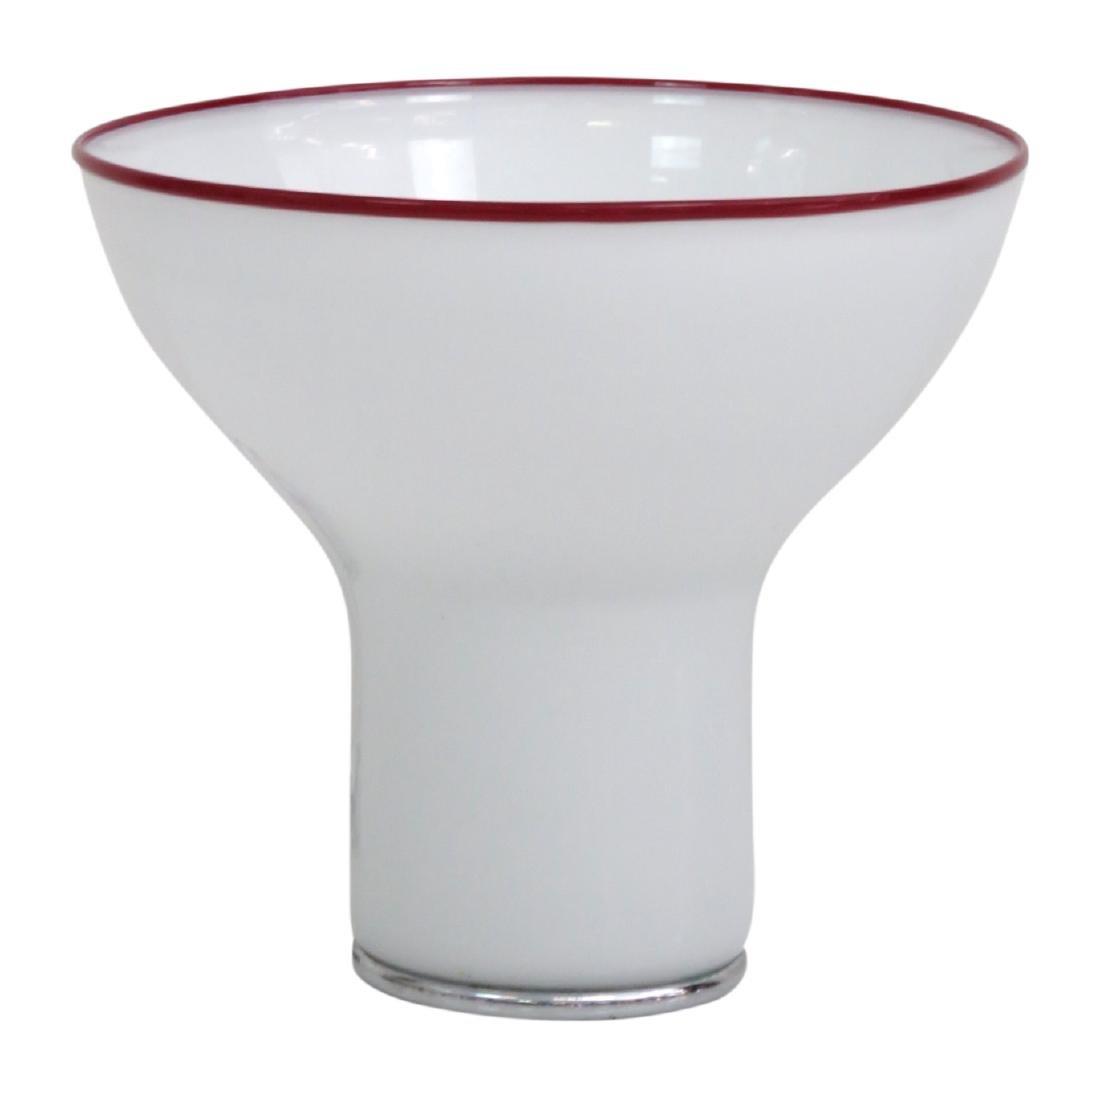 ITALIAN GLASS MUSHROOM LAMP - 2